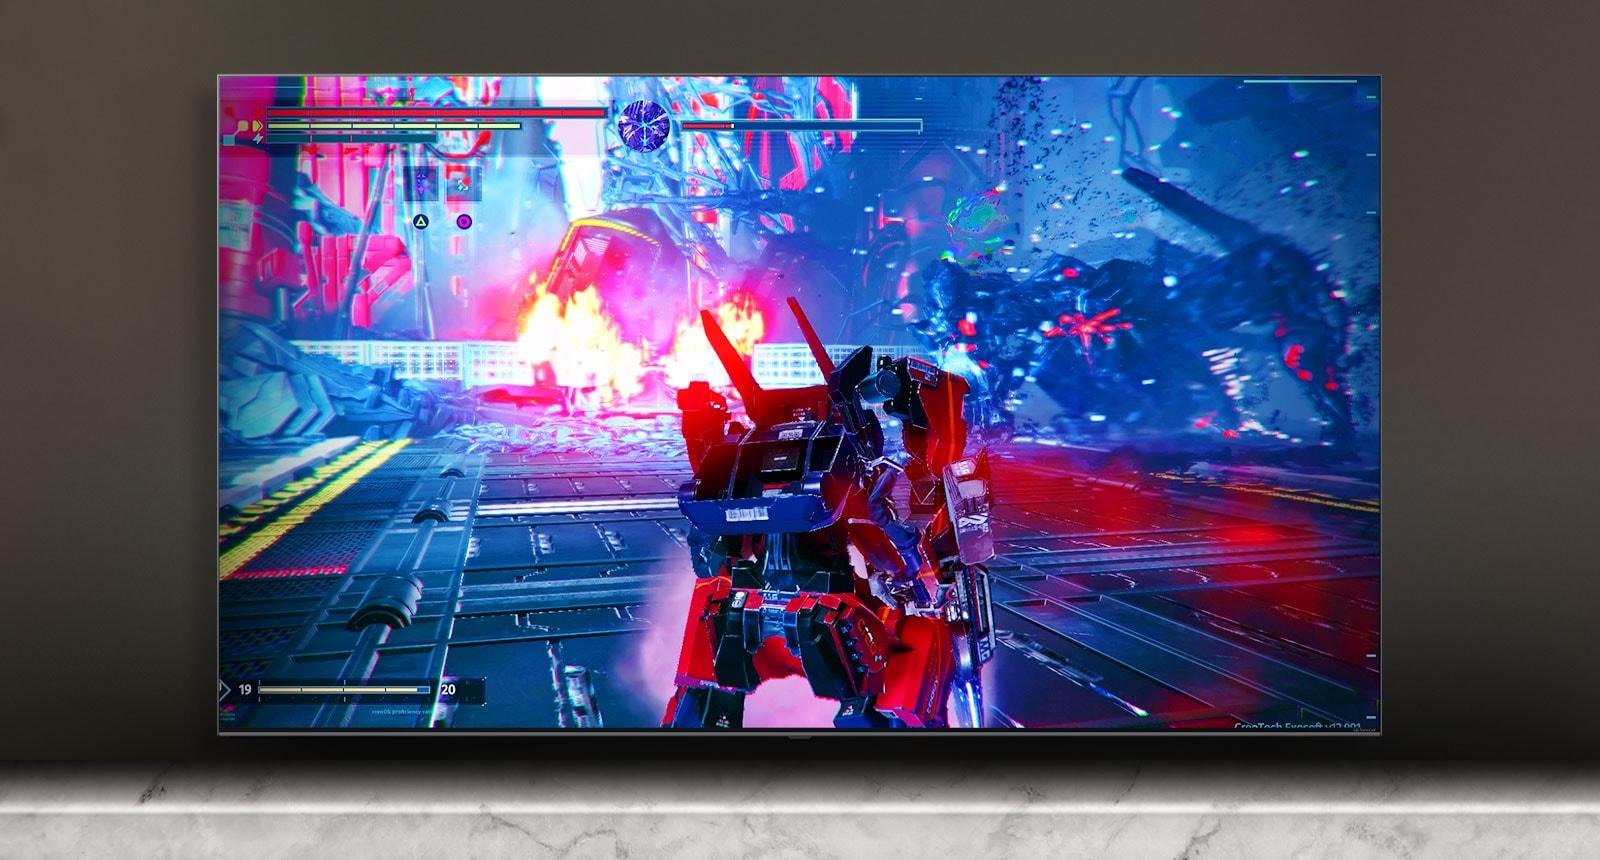 LG 49NANO80TNA Gaming Experience